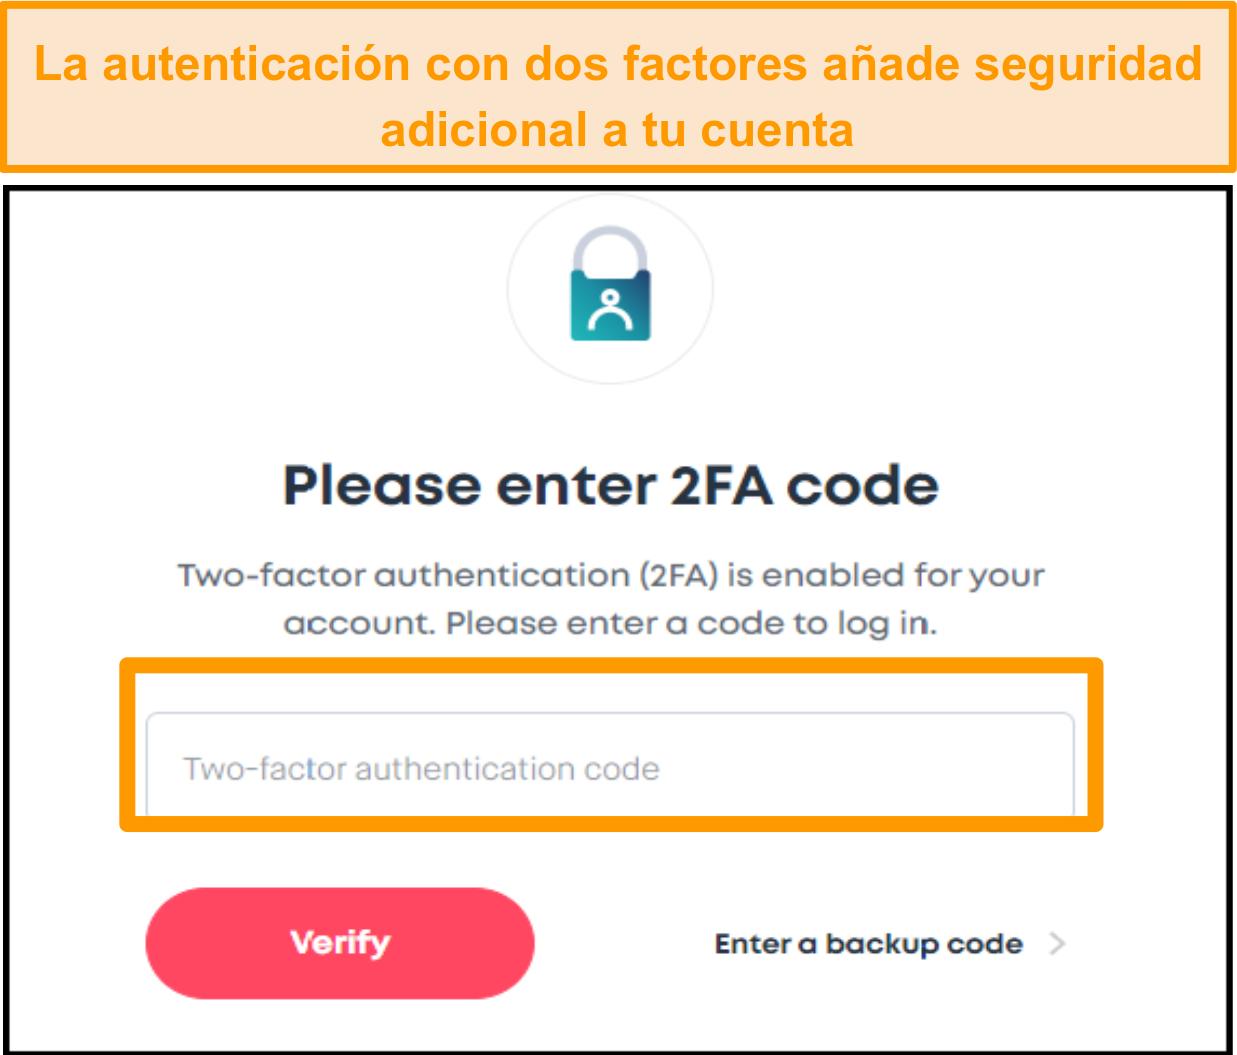 Captura de pantalla de la pantalla de entrada del código 2FA de Surfshark